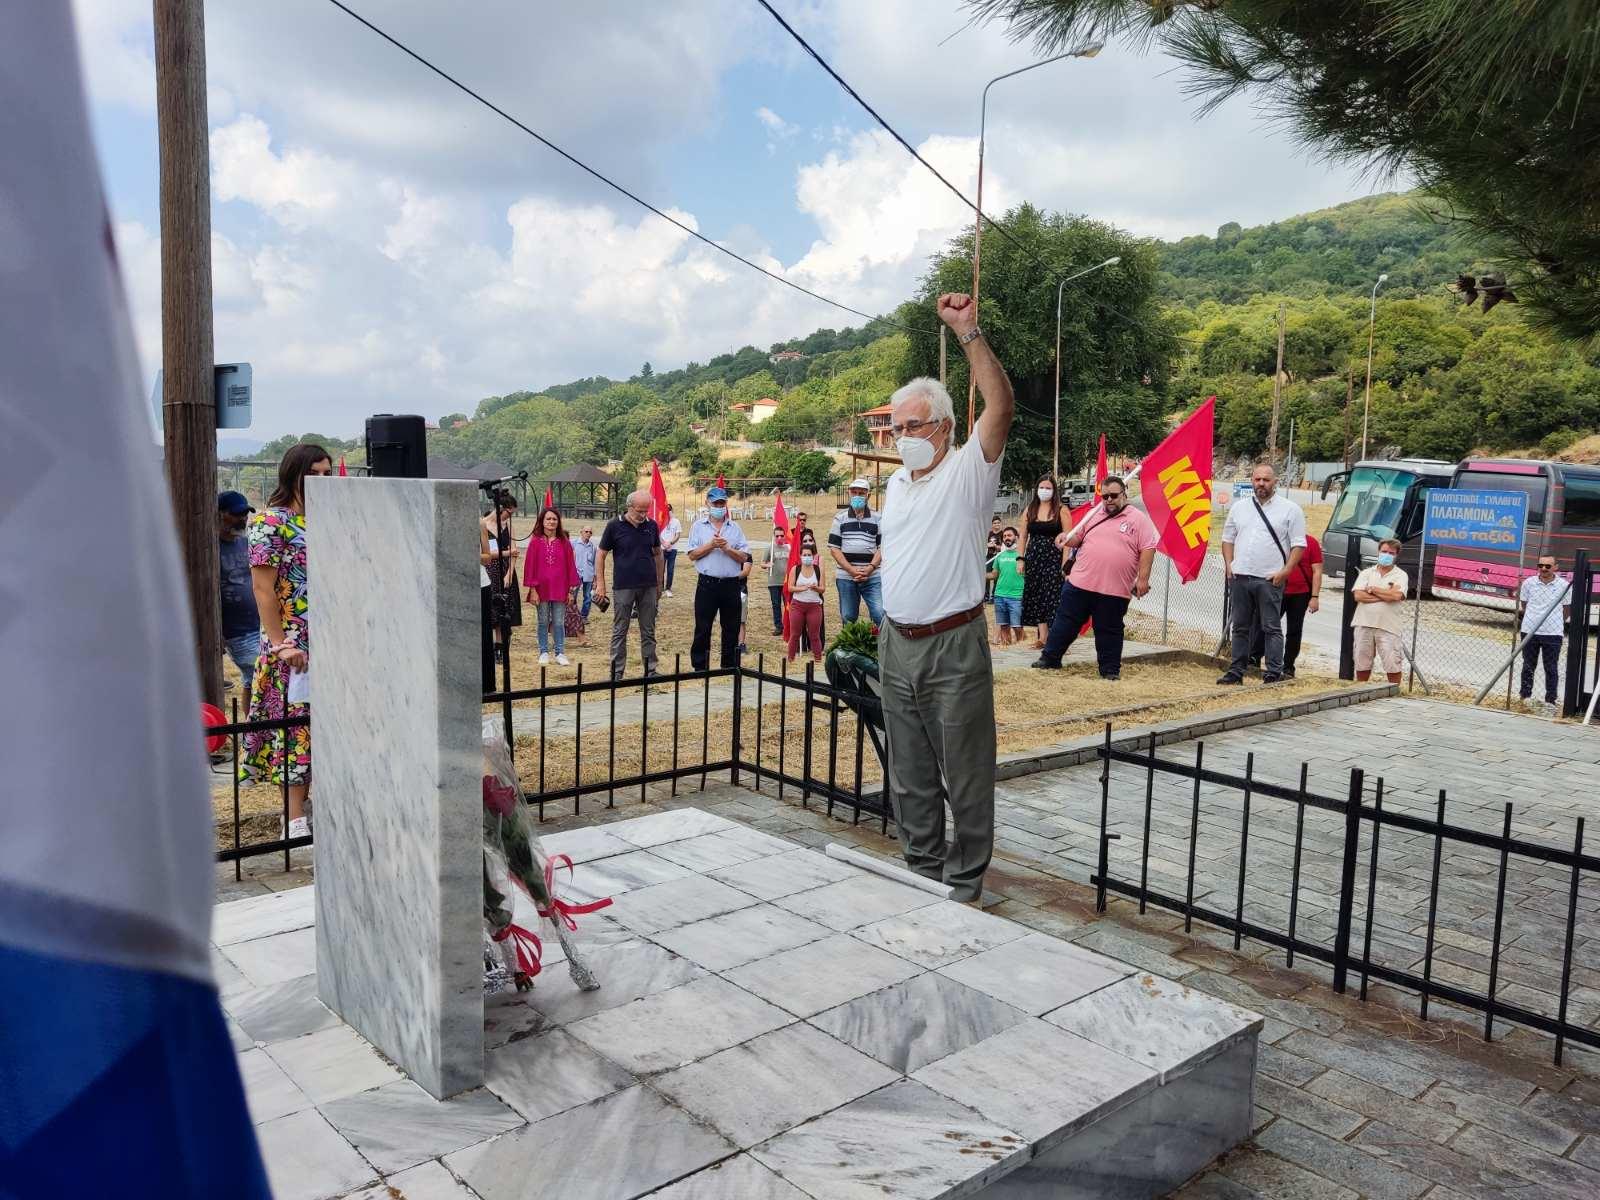 Εκδήλωση τιμής και μνήμης για τους 2 πεσόντες Μορφίνη και Εμμανουηλίδη στη μάχη του 26ου Συντάγματος του ΕΛΑΣ